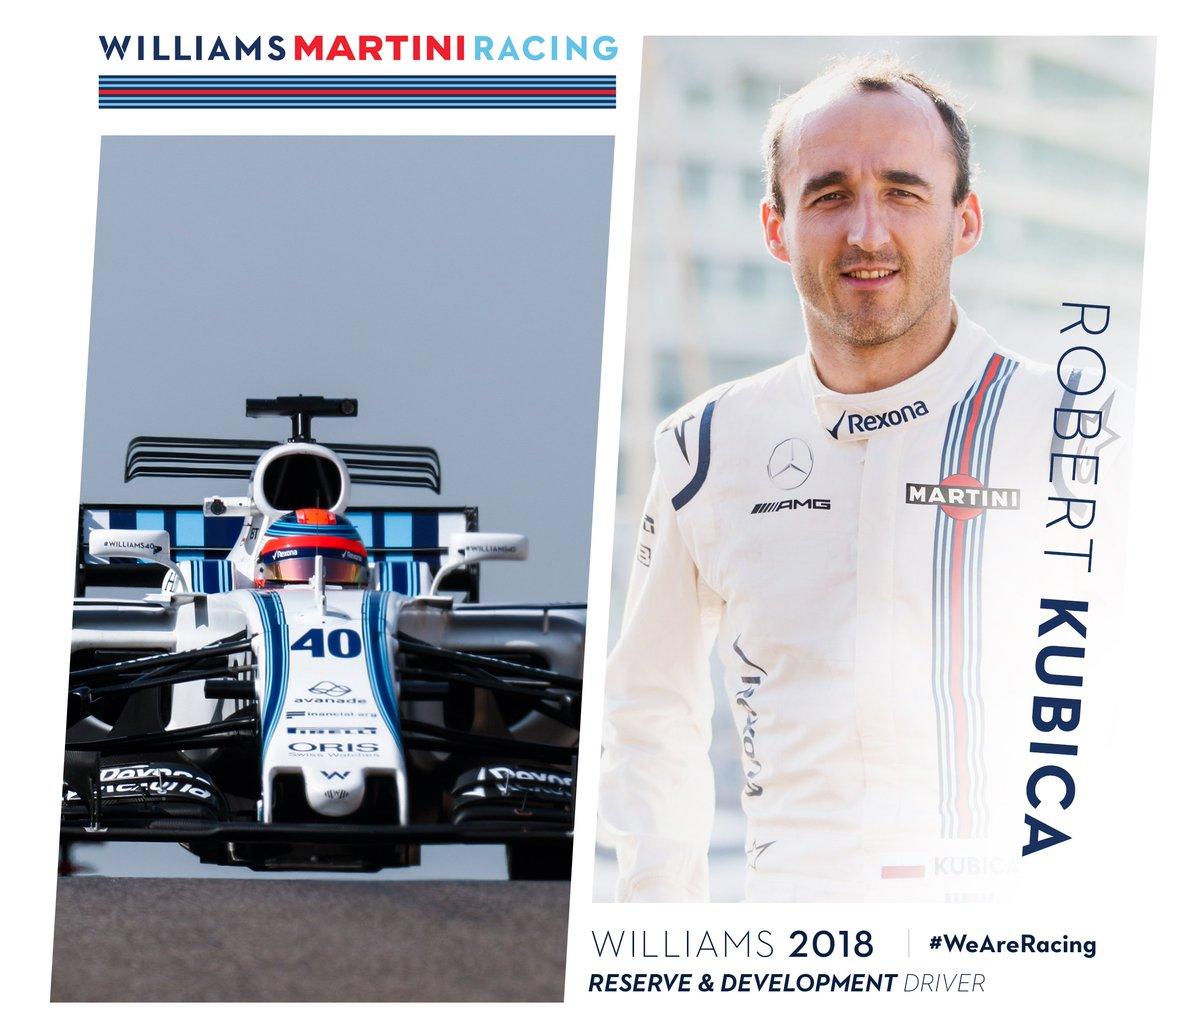 Williams confirma a Robert Kubica como piloto de reserva y desarrollo para 2018